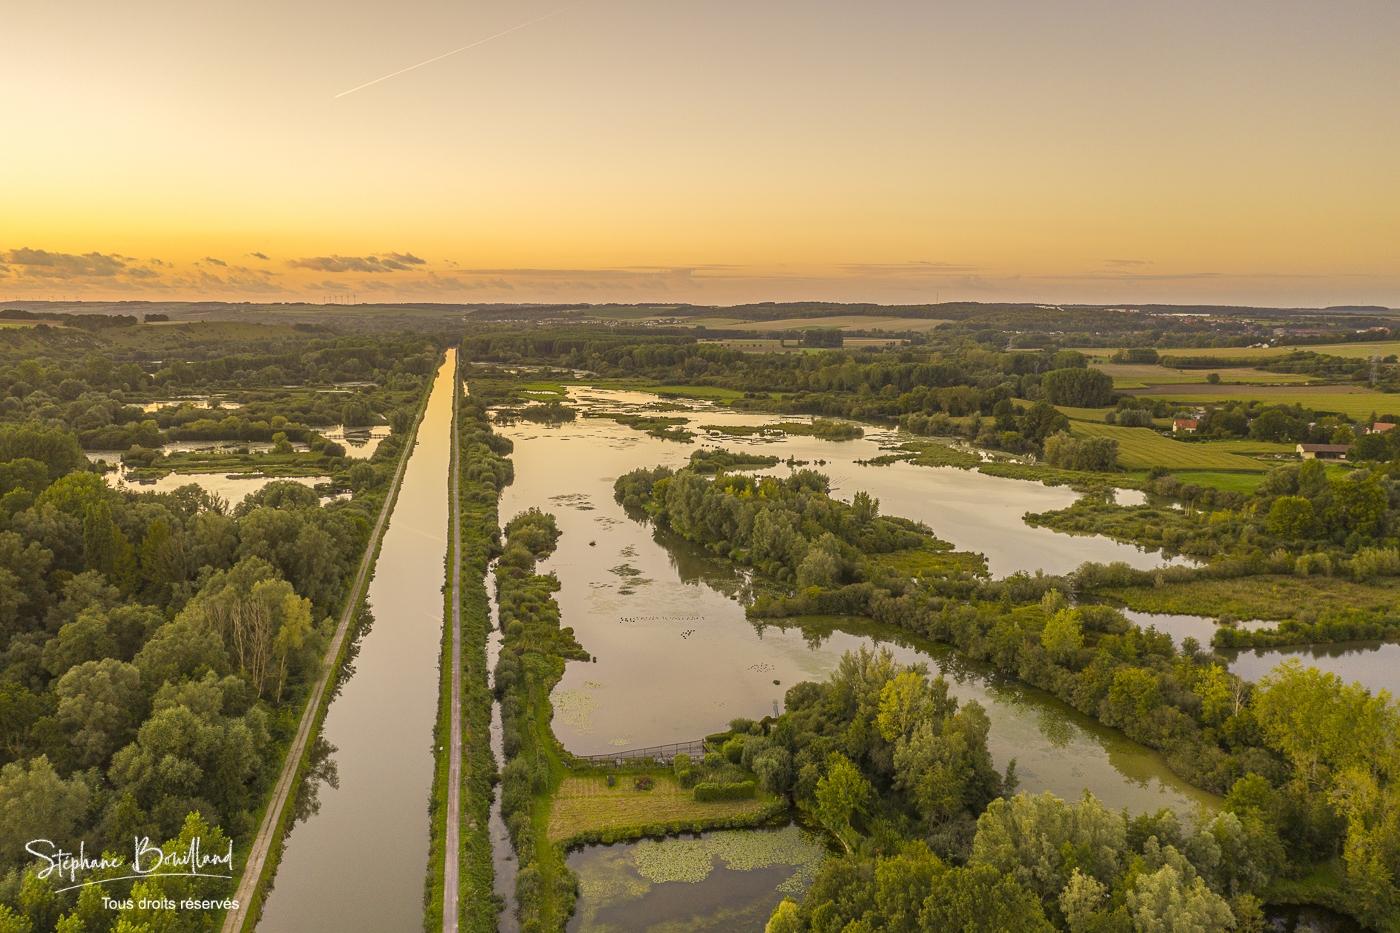 Bourdon et le Marais des Cavins dans la vallée de la Somme (Hauts-de-France)